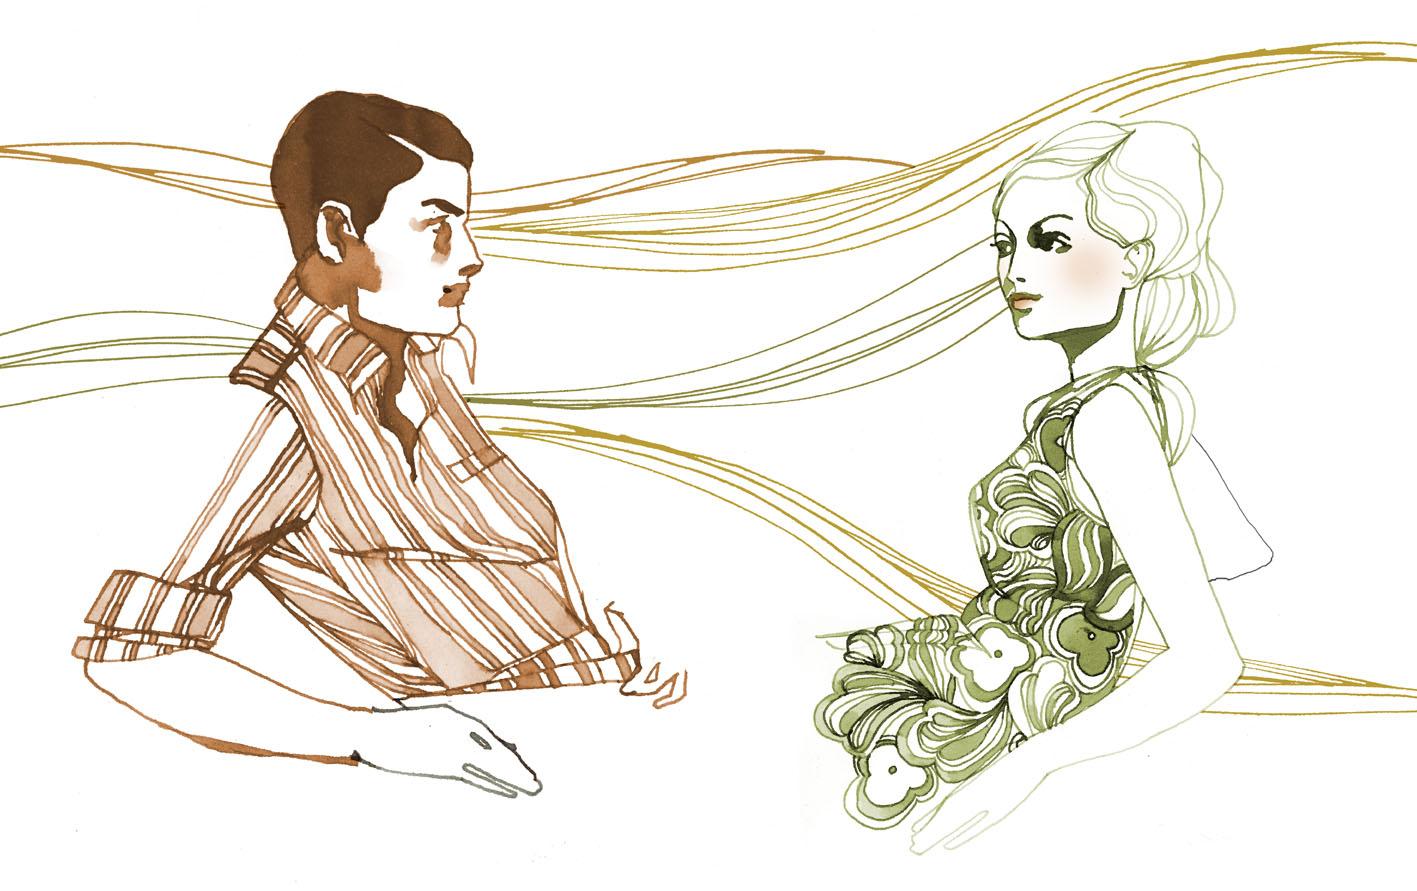 http://www.love-intelligence.fr/IMG/jpg/couple_new1-2.jpg